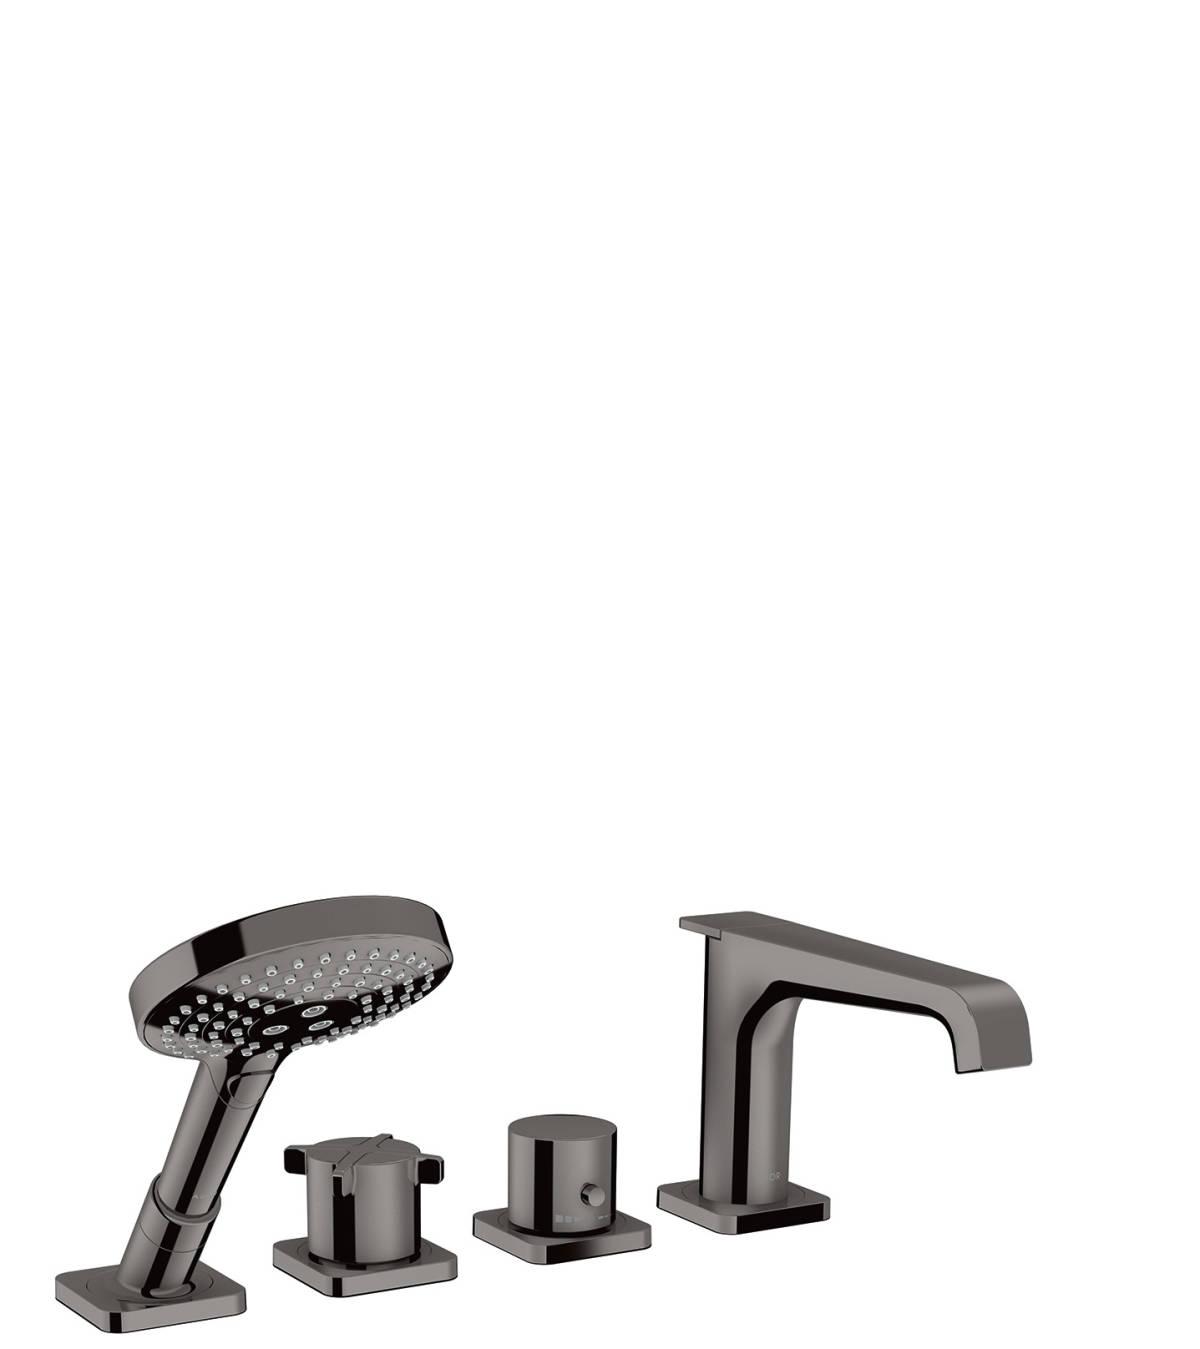 Grifería termostática de 4 agujeros para montaje sobre borde de bañera, cromo negro pulido, 36411330